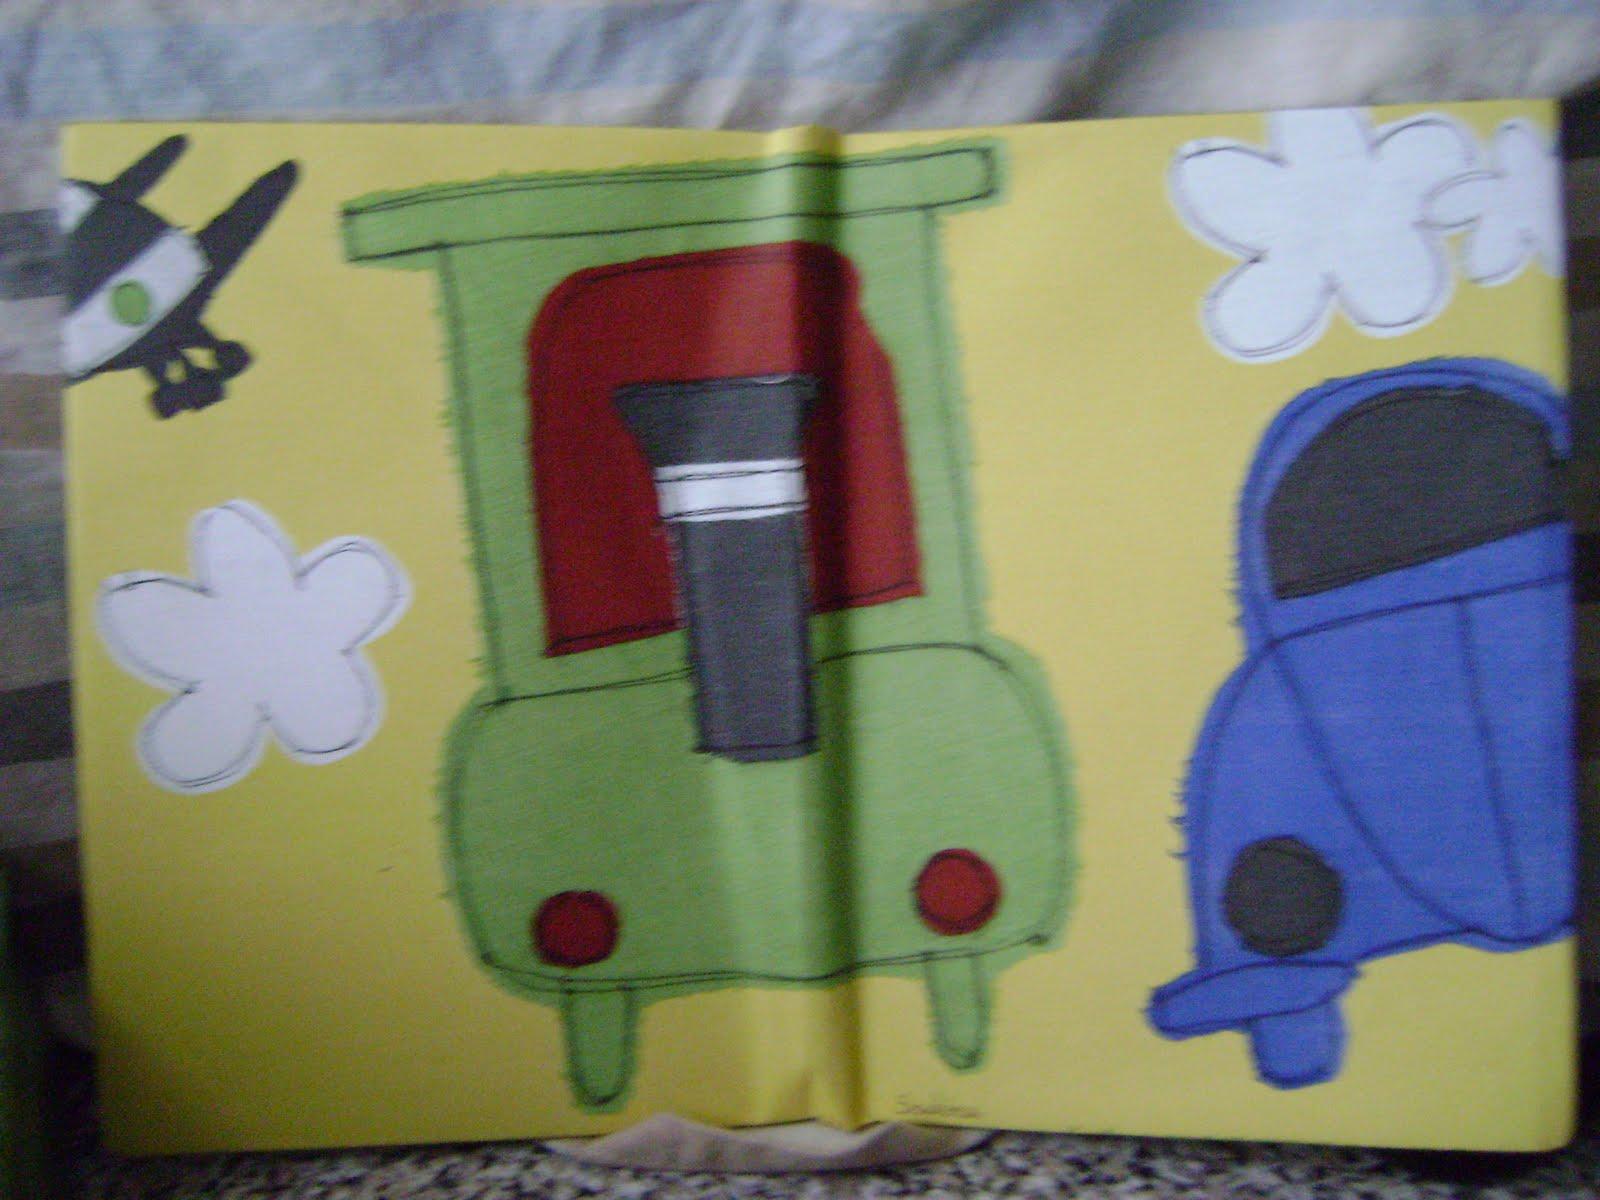 Libreta De Dibujo Con Dibujos Infant: Dibujo, Pintura Y Escritos: Libretas Con Papel De Empapelar